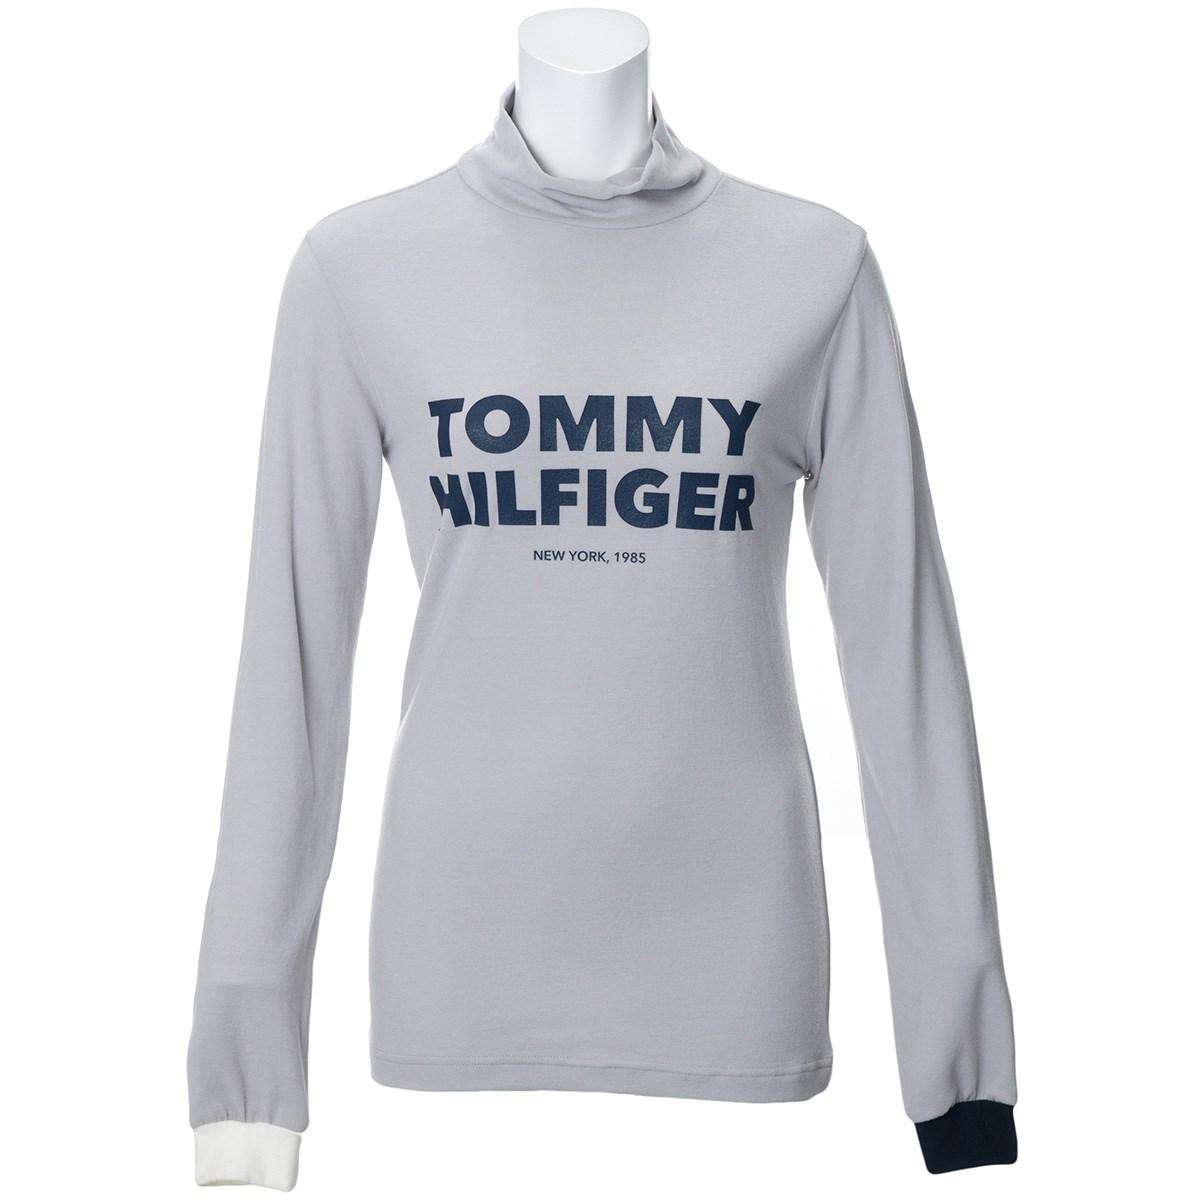 トミー ヒルフィガー ゴルフ TOMMY HILFIGER GOLF ロゴ ストレッチ タートルネック 長袖インナーシャツ S グレー レディス